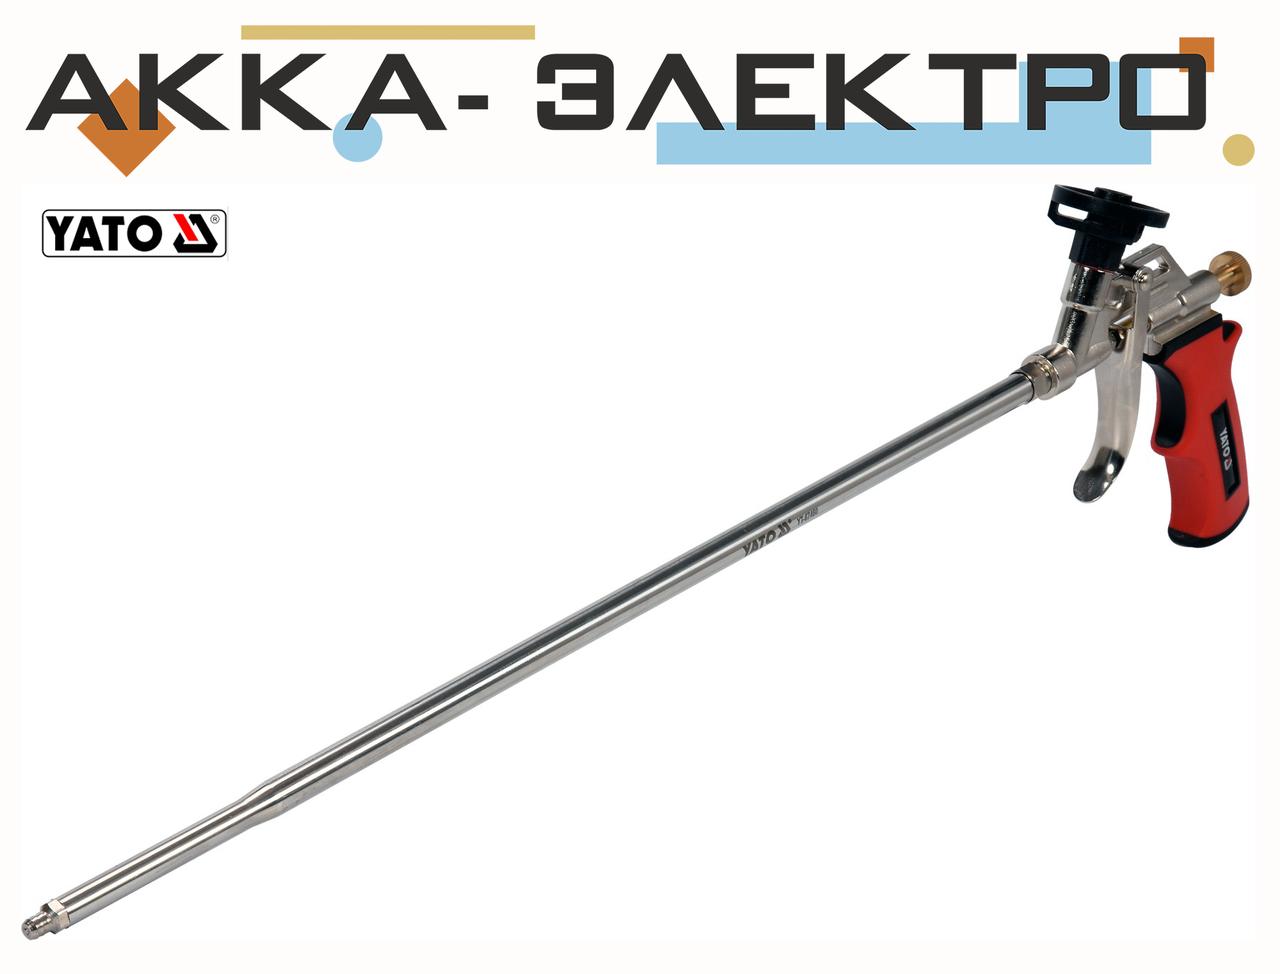 Пистолет для пены с длинным носиком 500мм YATO YT-67460